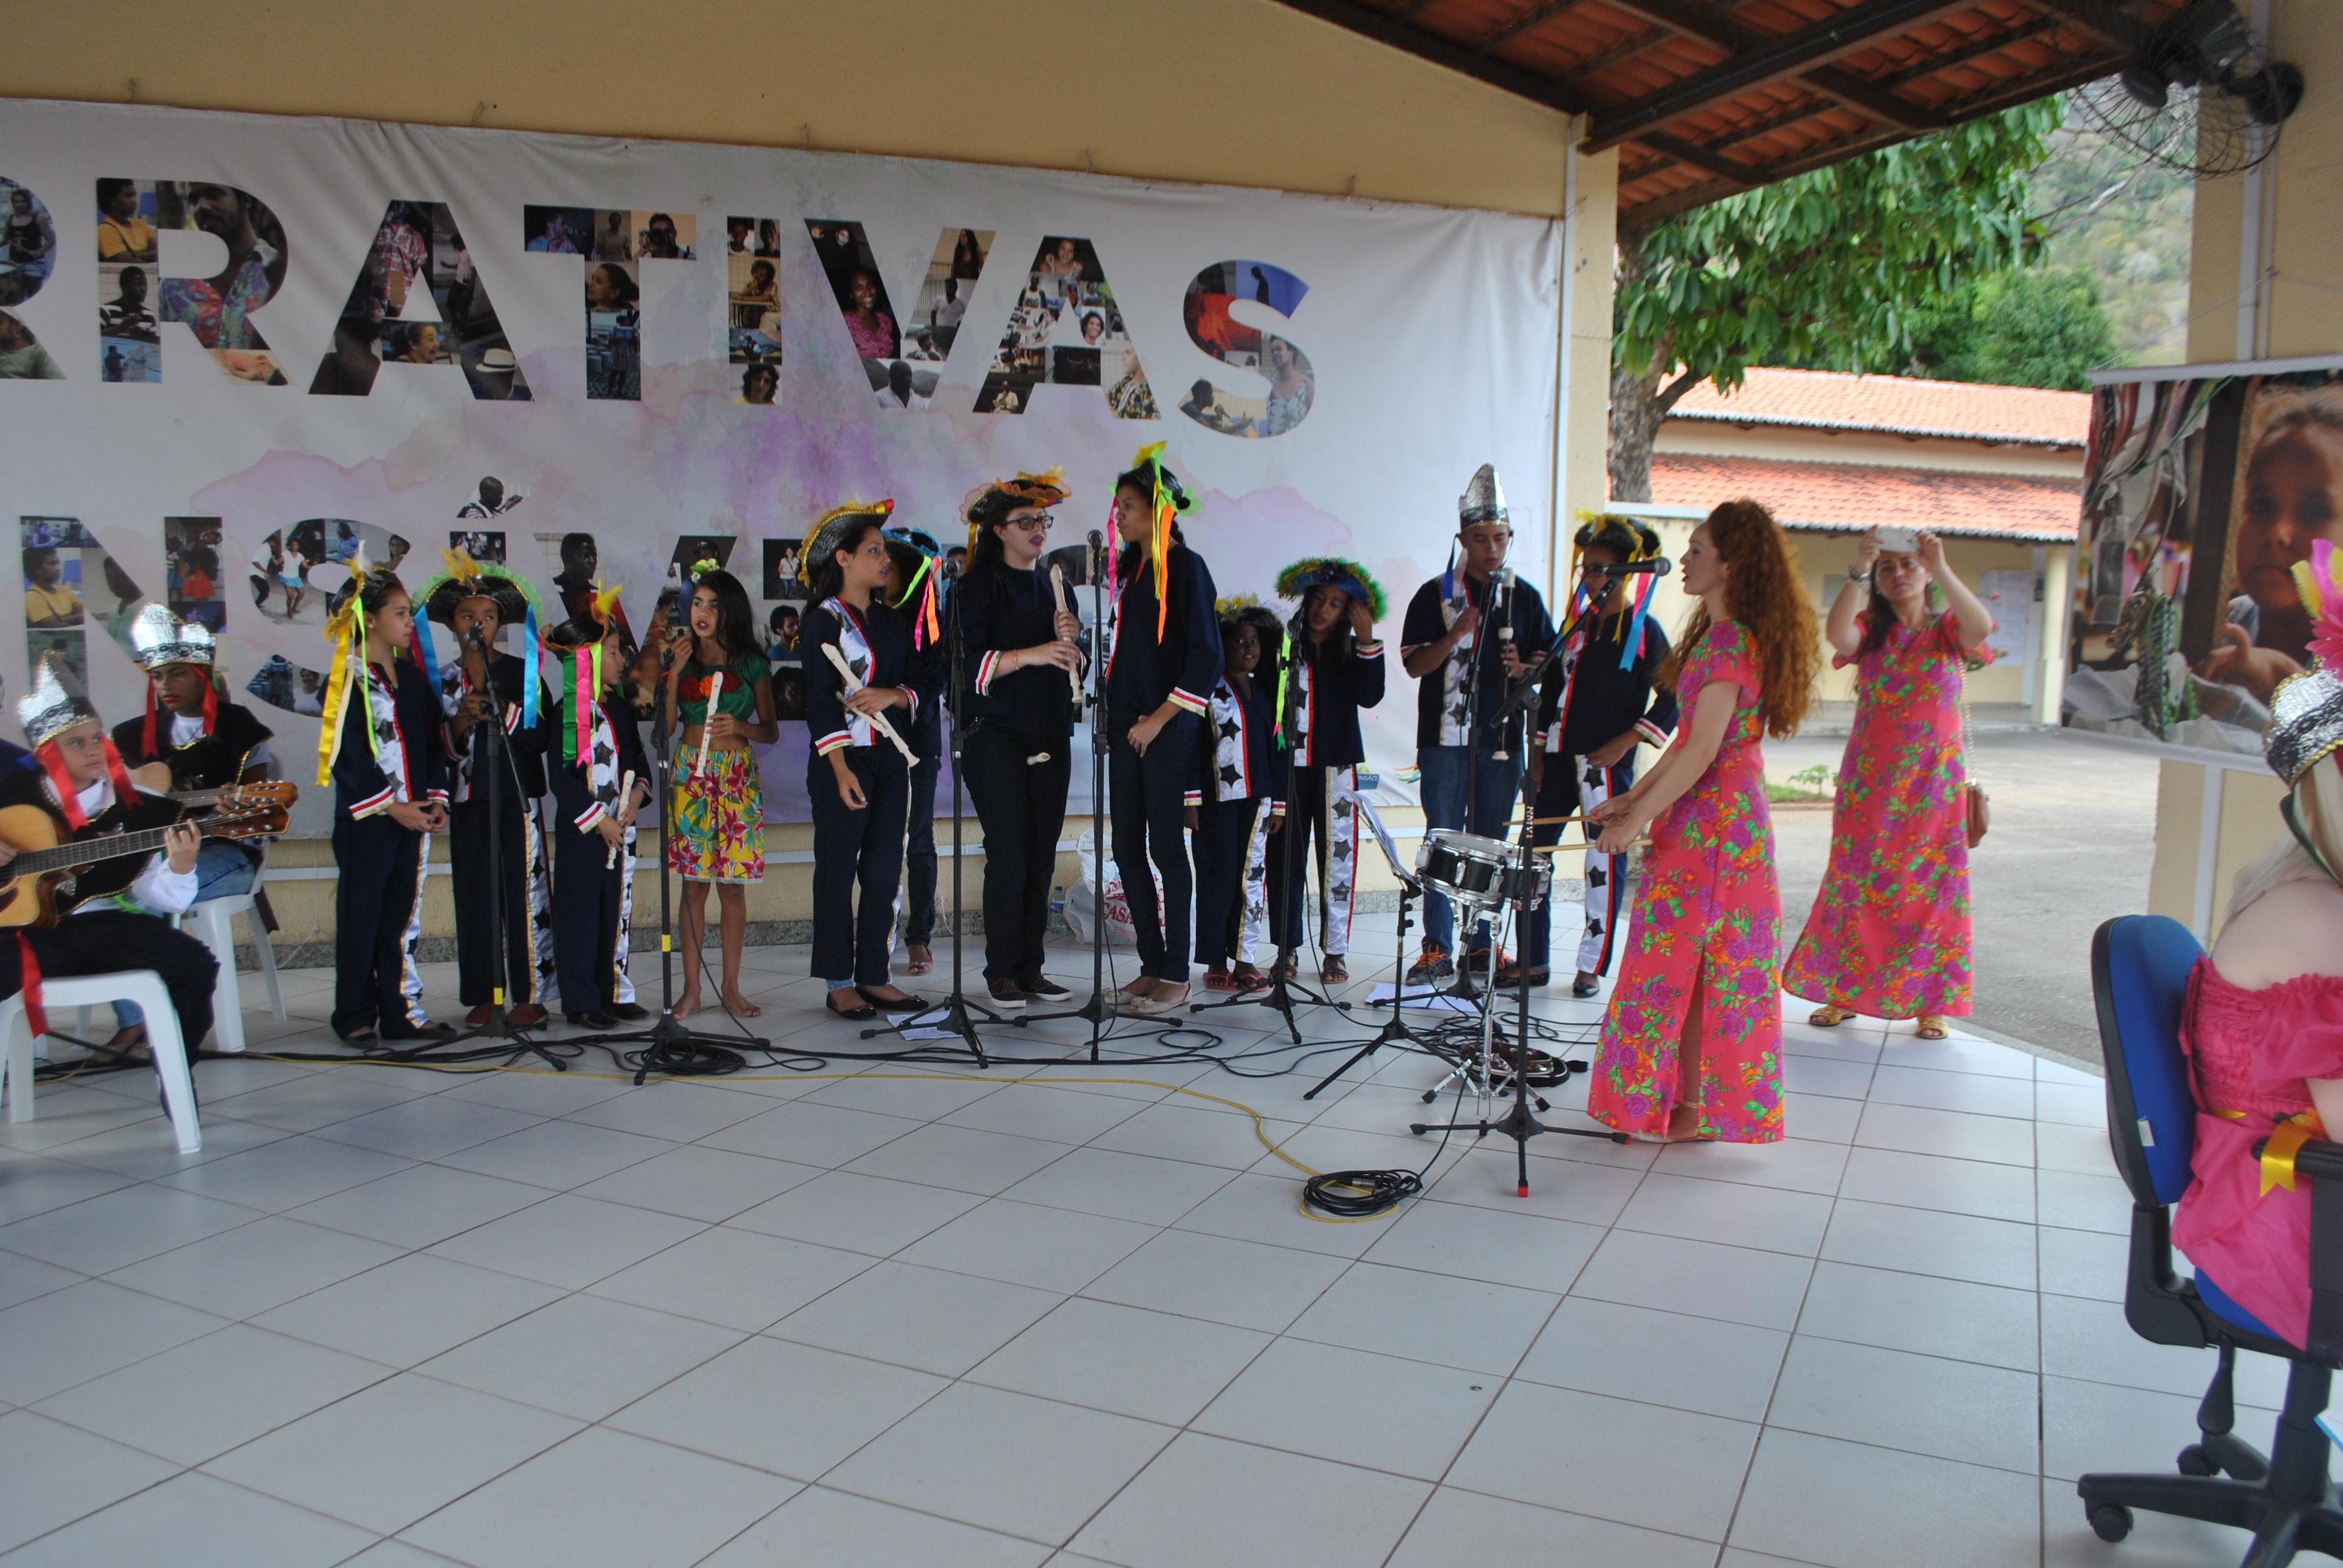 Grupo de reisado de crianças e adolescentes de Pacoti, no Maciço de Baturité. Foto: Assecom/Unilab.